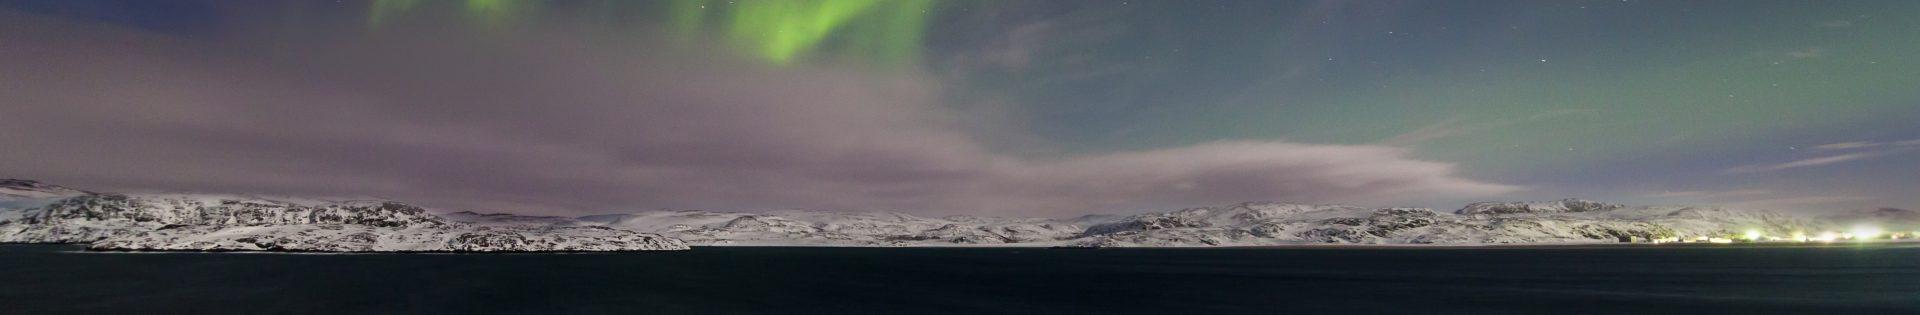 Schneemobil Reise Finnland Norwegen Arctic Ocean